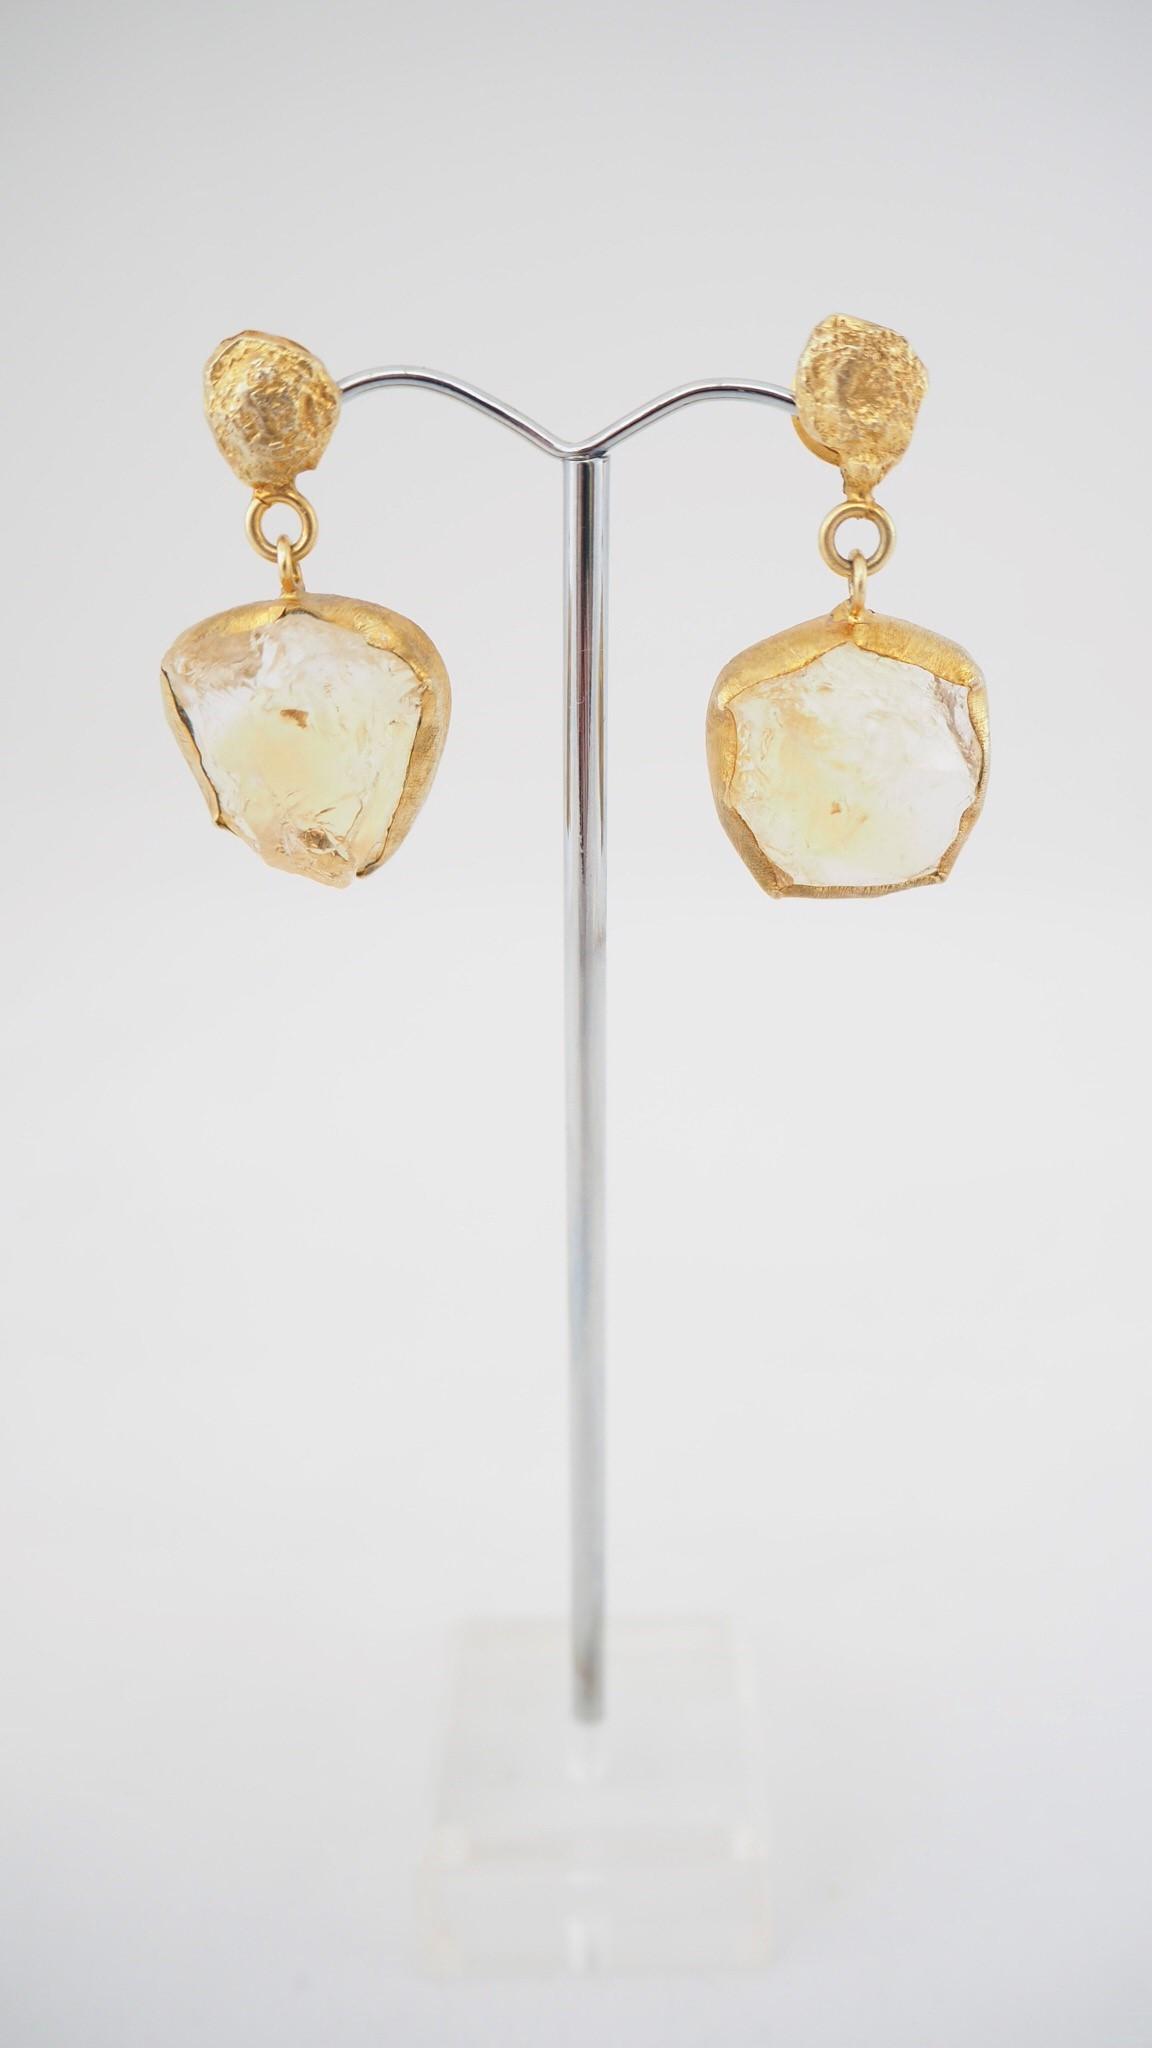 rough cut earrings high res.jpg